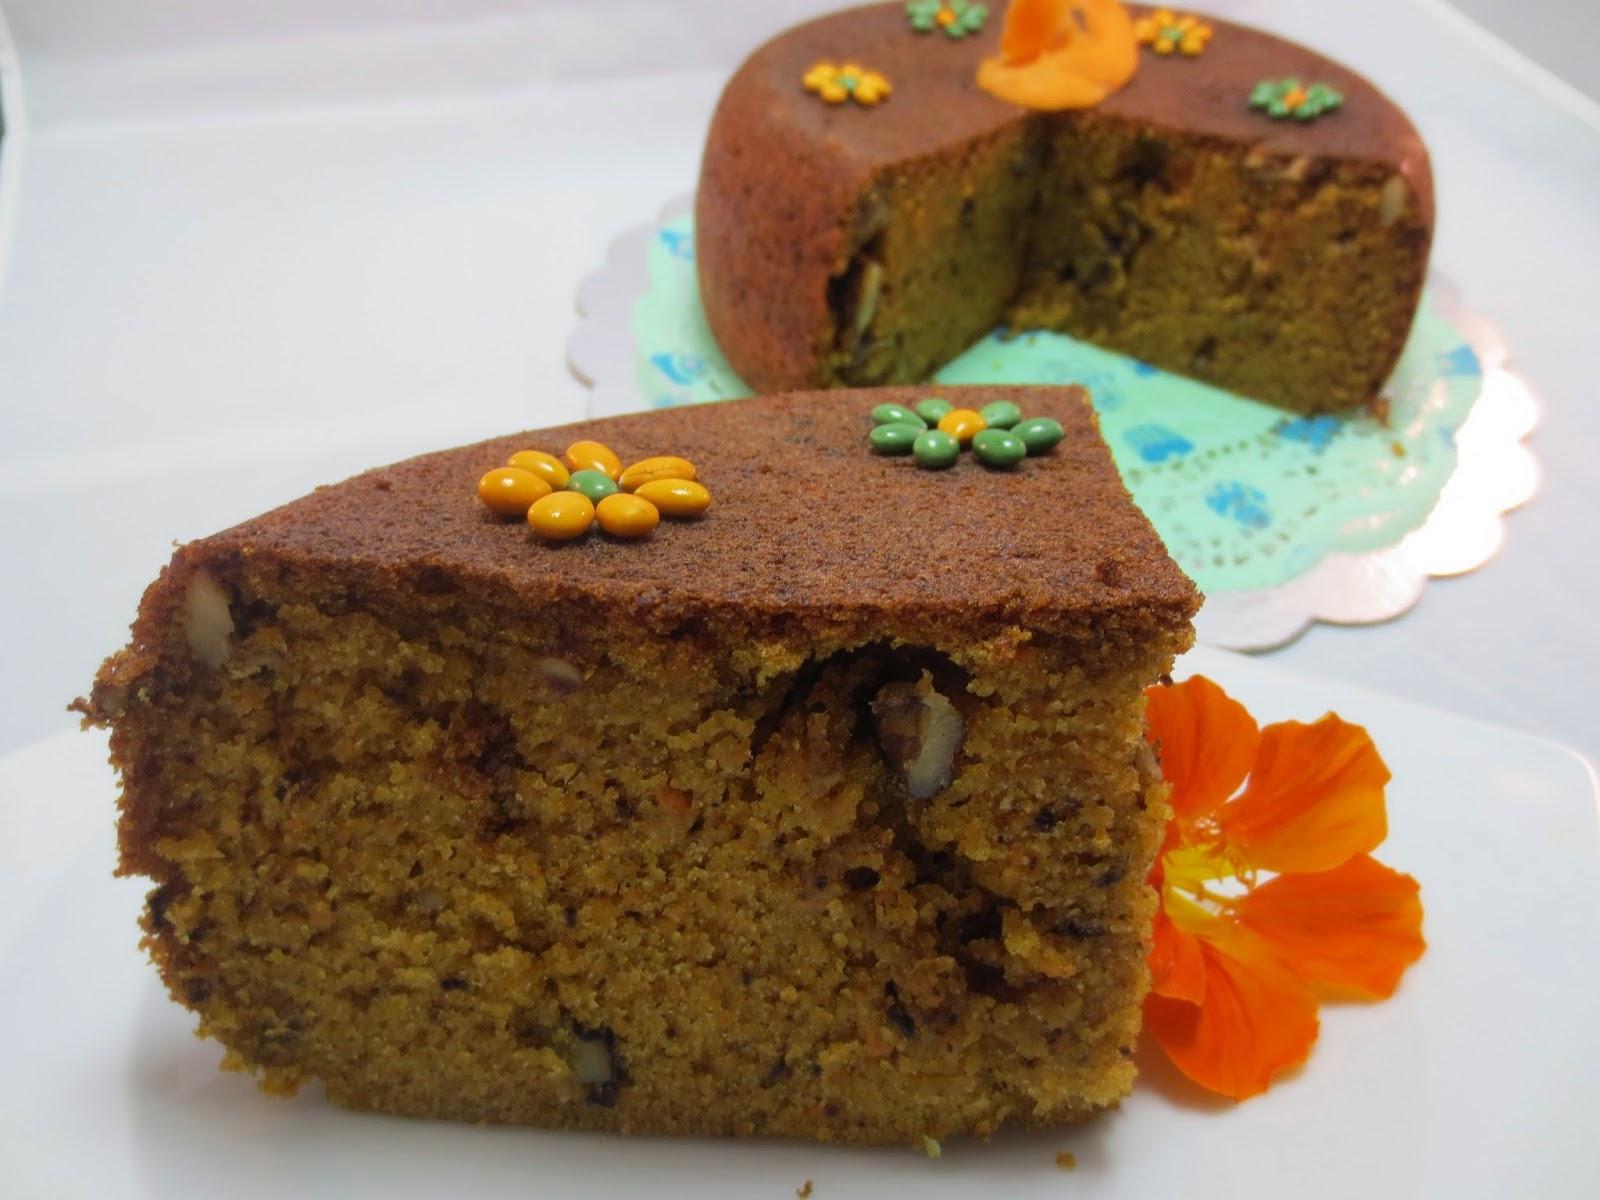 Bizcocho de zanahoria (Carrot cake) Ana Sevilla olla GM